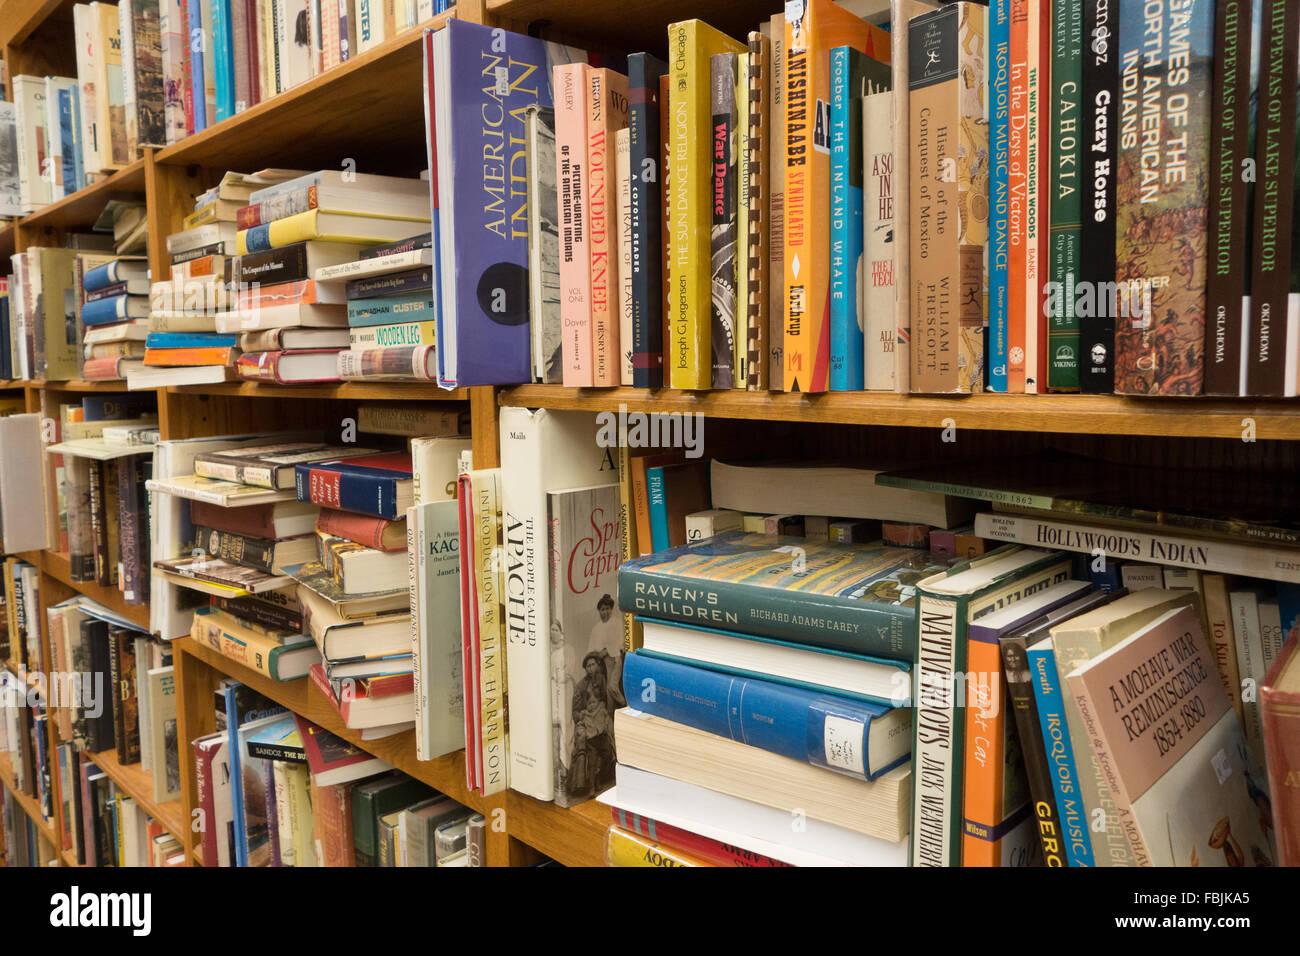 messy bookshelves bookshelf books - Stock Image